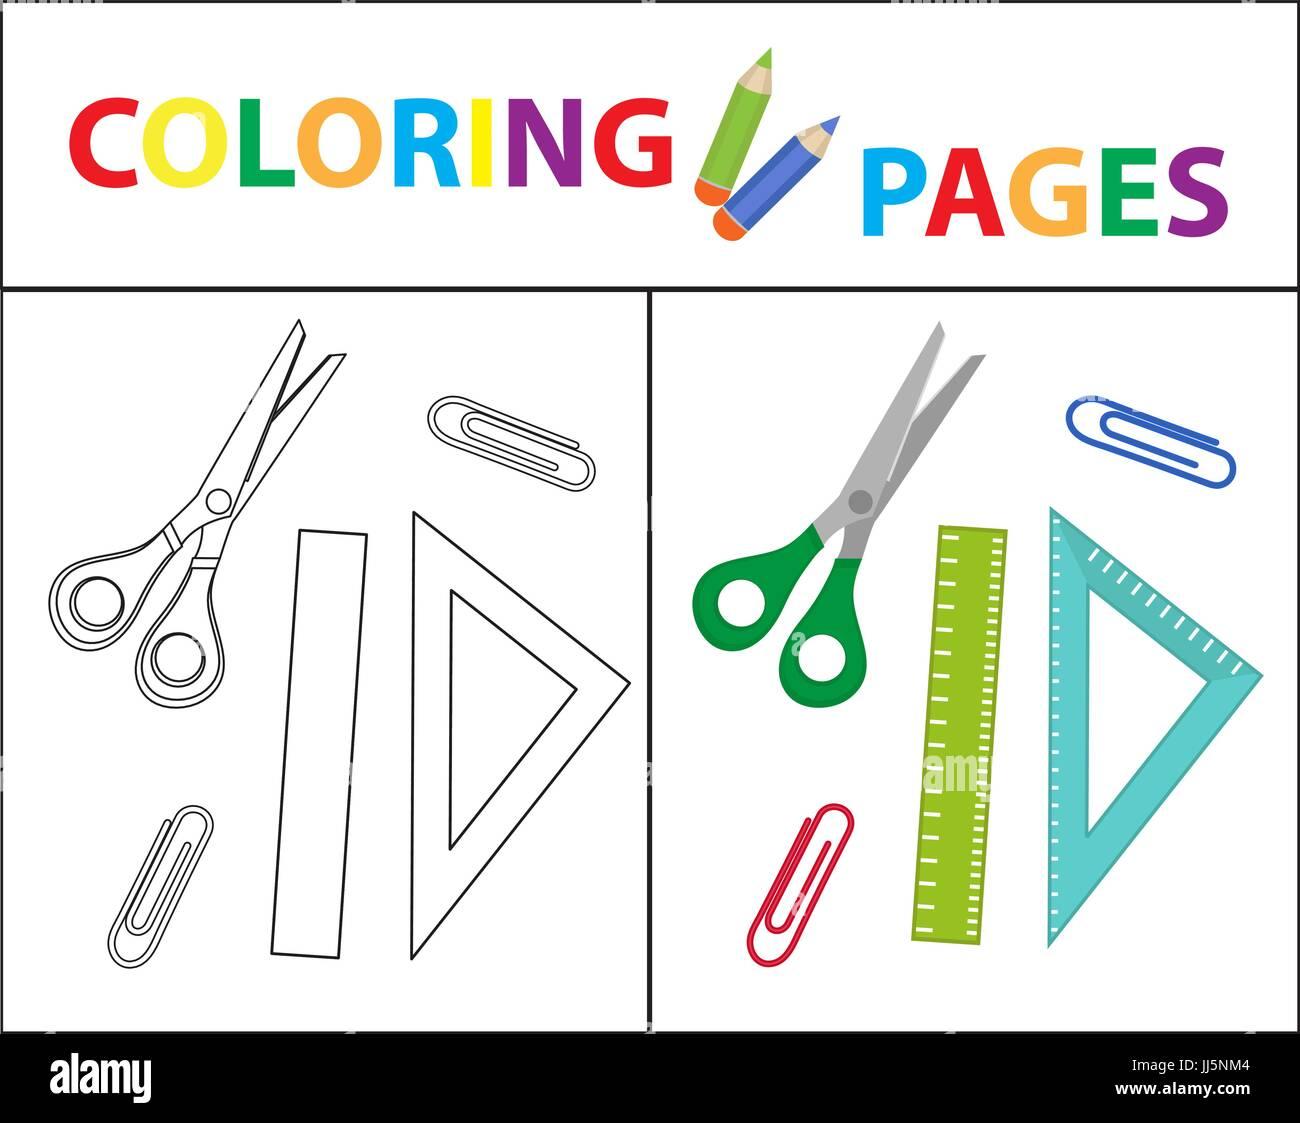 Coloring Book página. Volver a la escuela, tijeras, regla, clips ...